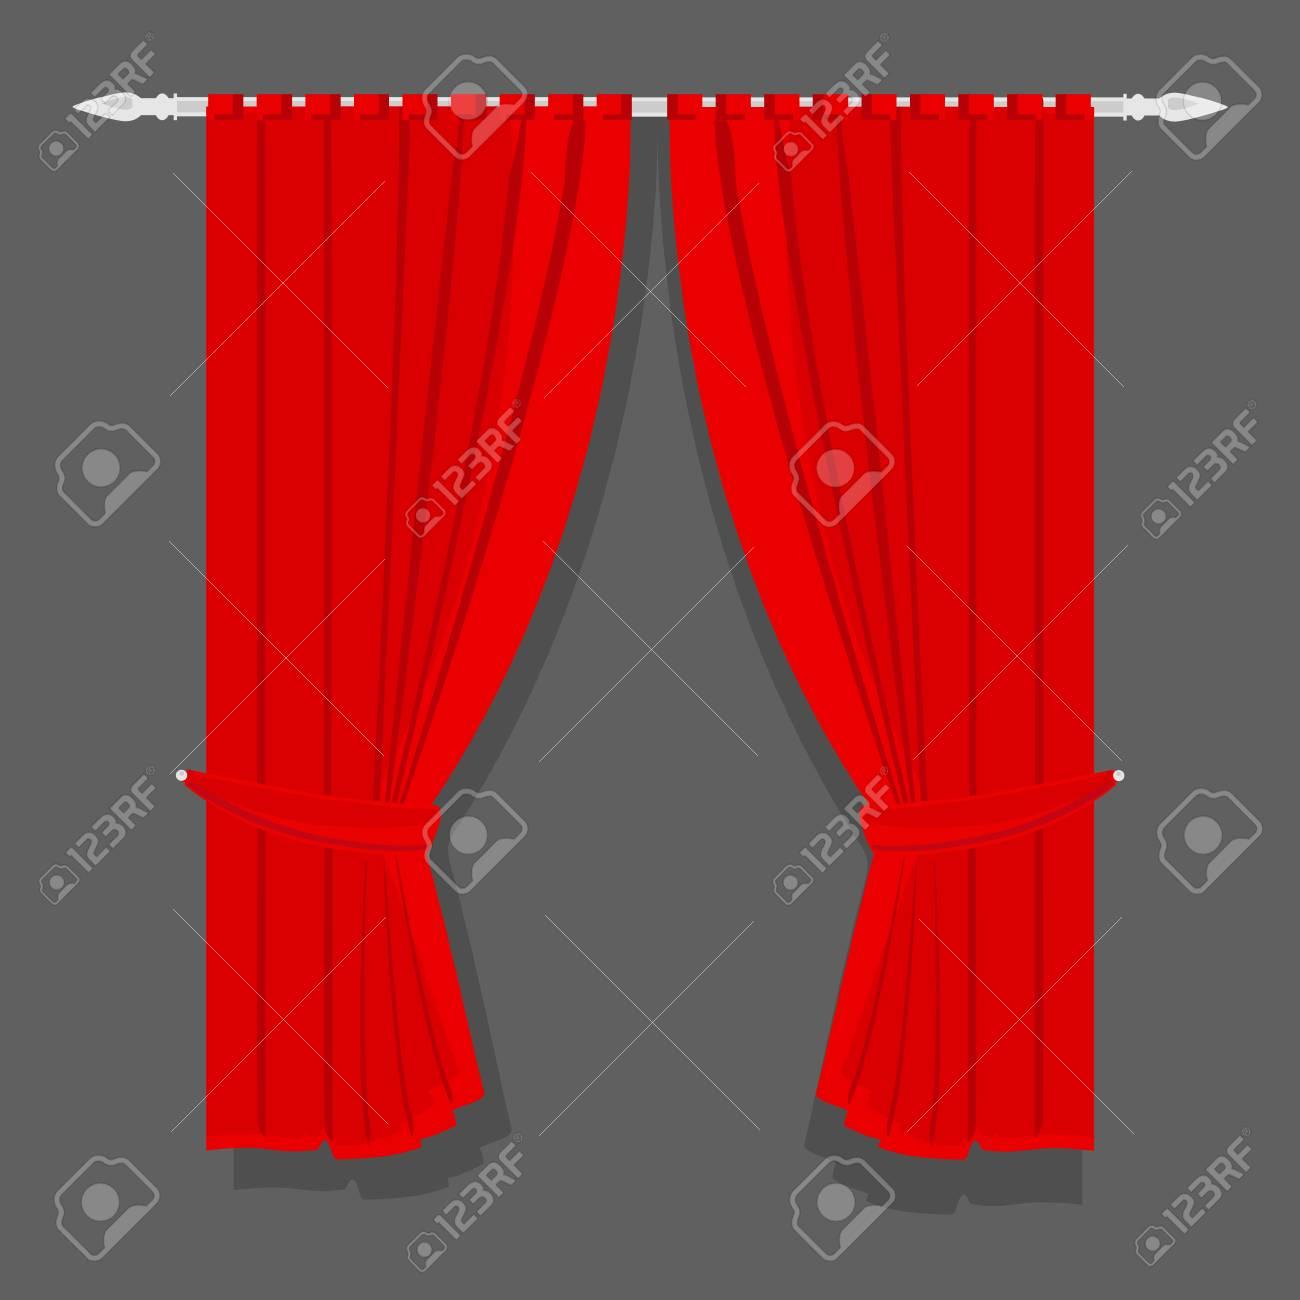 Photo De Rideau Pour Fenetre traitements de fenêtre illustration raster rideaux rouges pour la maison ou  l'intérieur de la maison. rideaux de luxe en velours de soie rouge